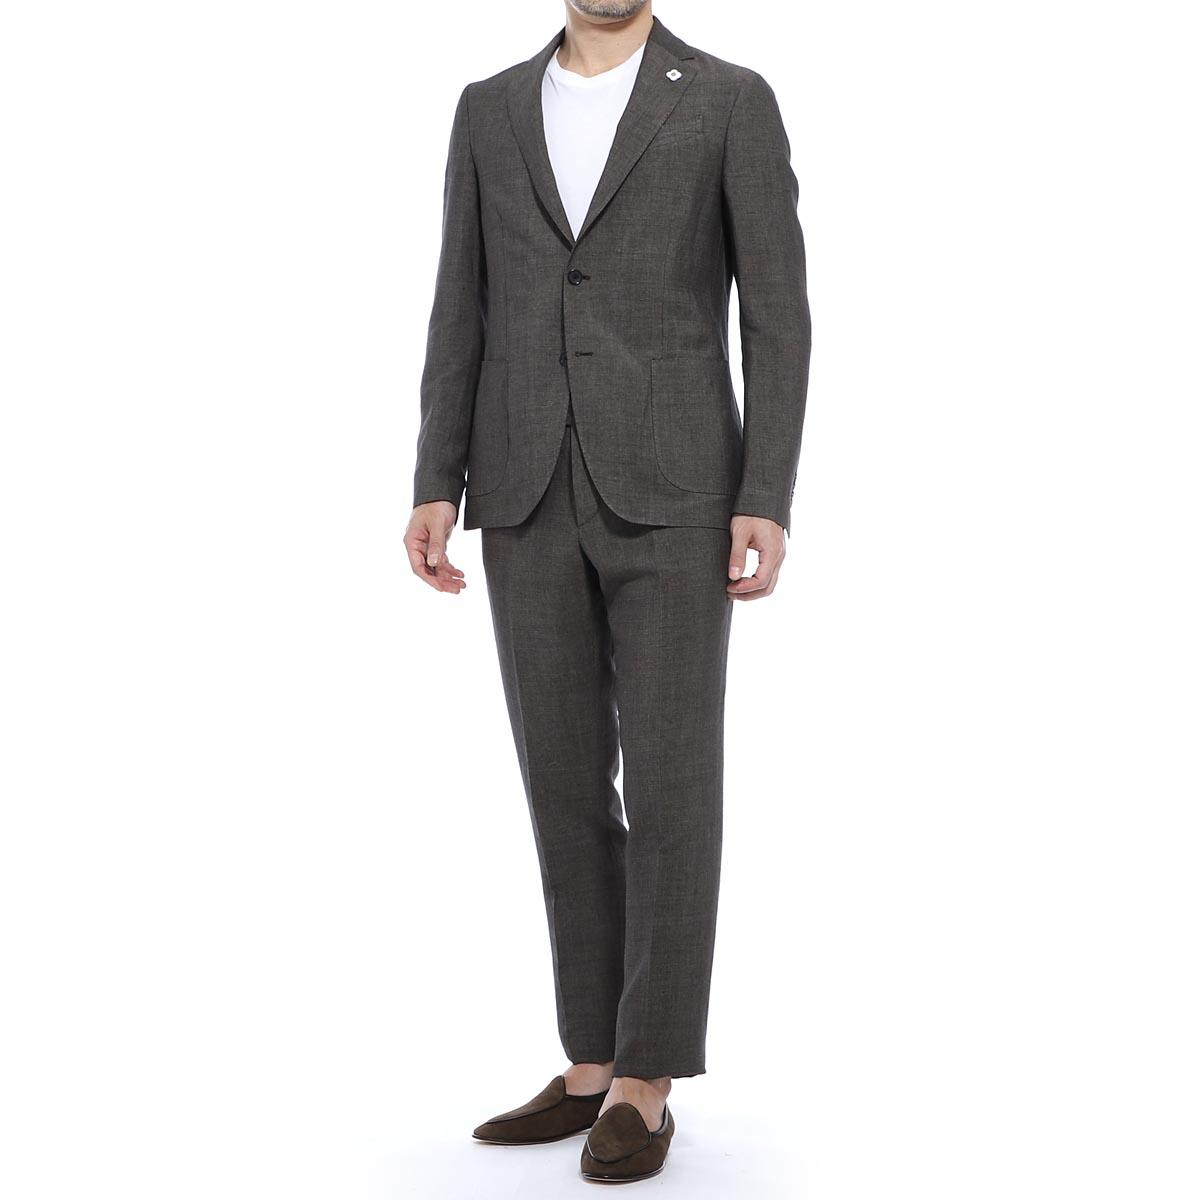 ラルディーニ LARDINI 2つボタンスーツ ブラウン メンズ 大きいサイズあり ei077av eia54423 601 EASY ITALIAN FIT【あす楽対応_関東】【返品送料無料】